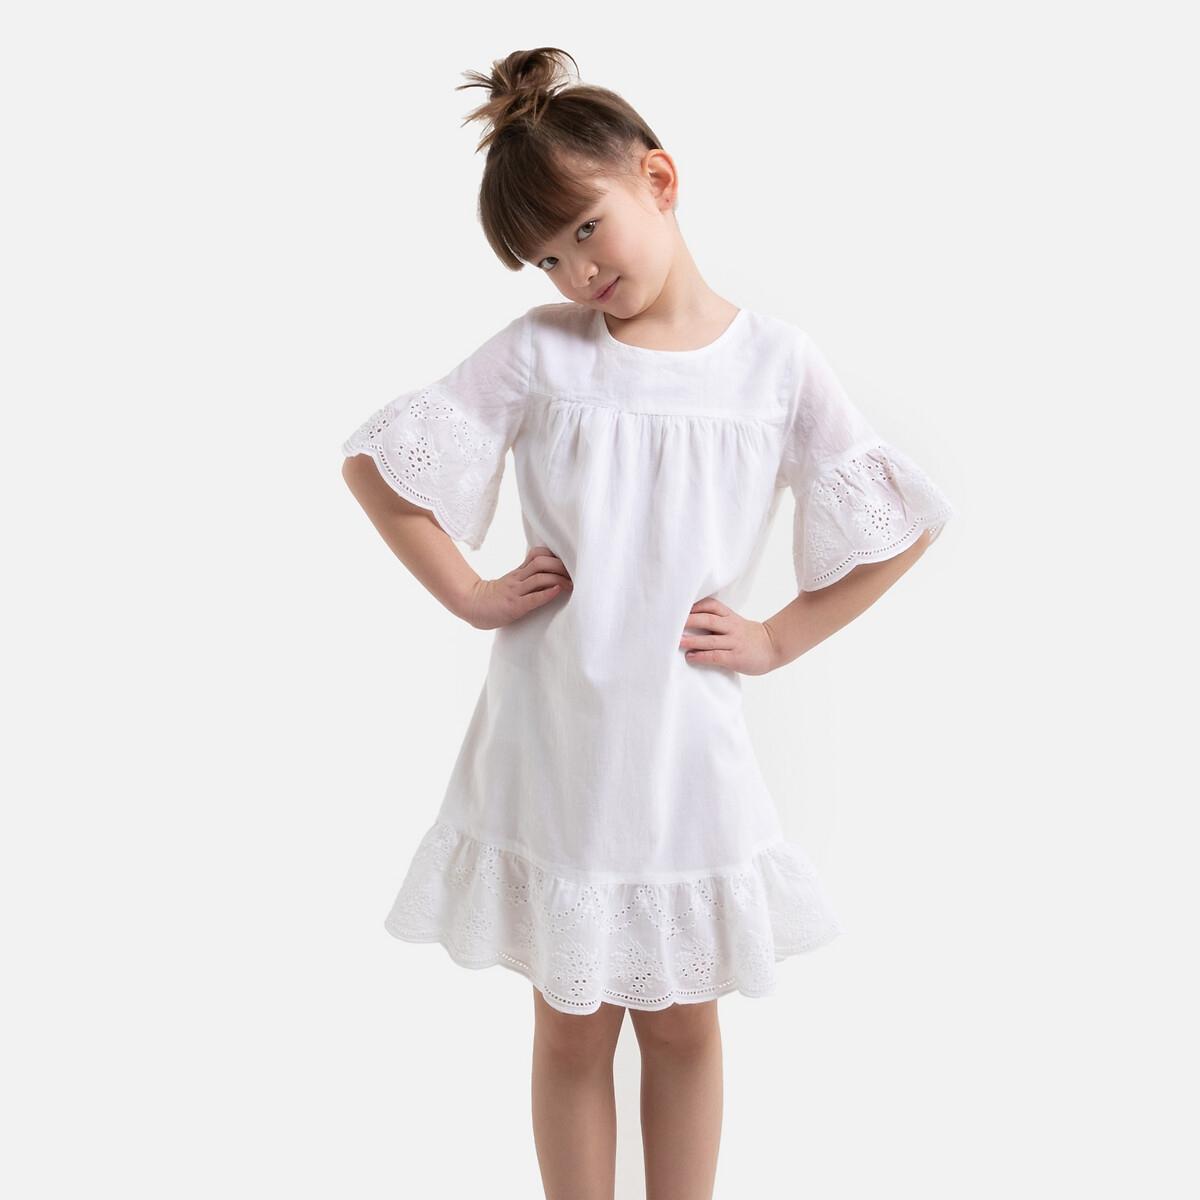 Фото - Платье LaRedoute С вышивкой и короткими рукавами 3-12 лет 5 лет - 108 см белый платье laredoute с короткими рукавами из хлопчатобумажной газовой ткани 3 12 лет 3 года 94 см розовый